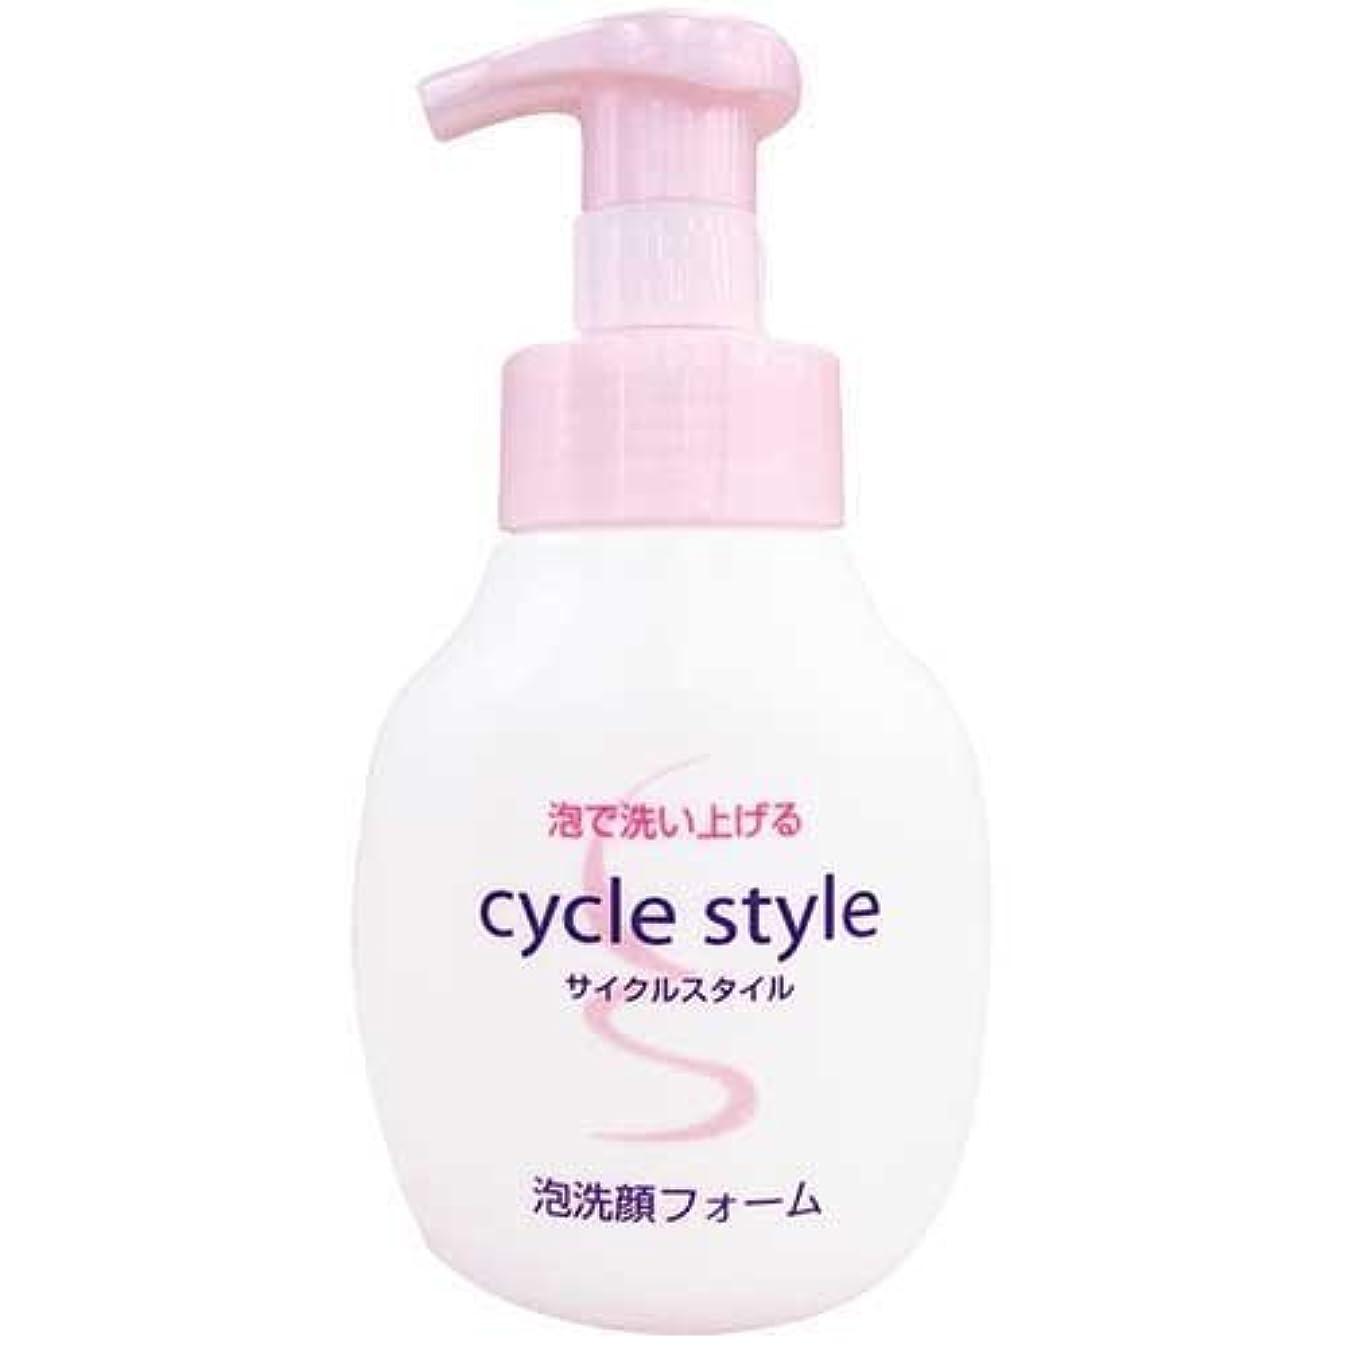 すなわち絶対に落ち着かないサイクルスタイル 泡洗顔フォーム 本体 250ml 【まとめ買い120個セット】